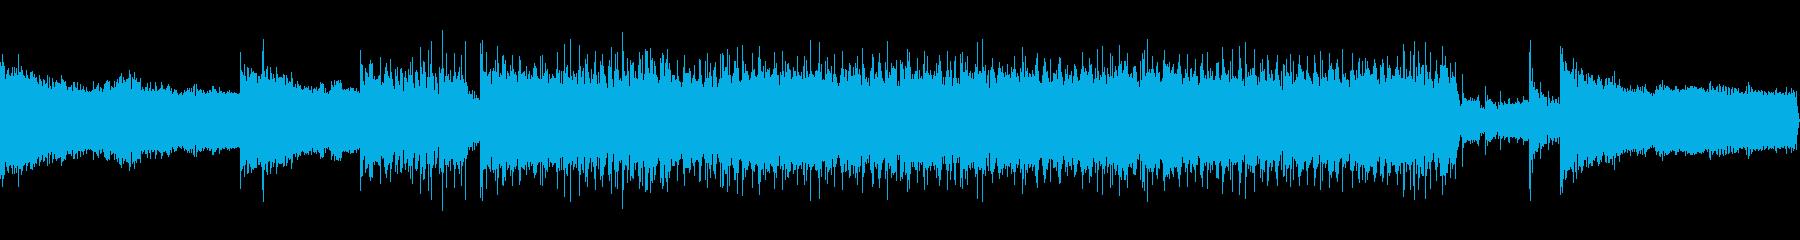 Duelist 30秒バンドサウンド版の再生済みの波形